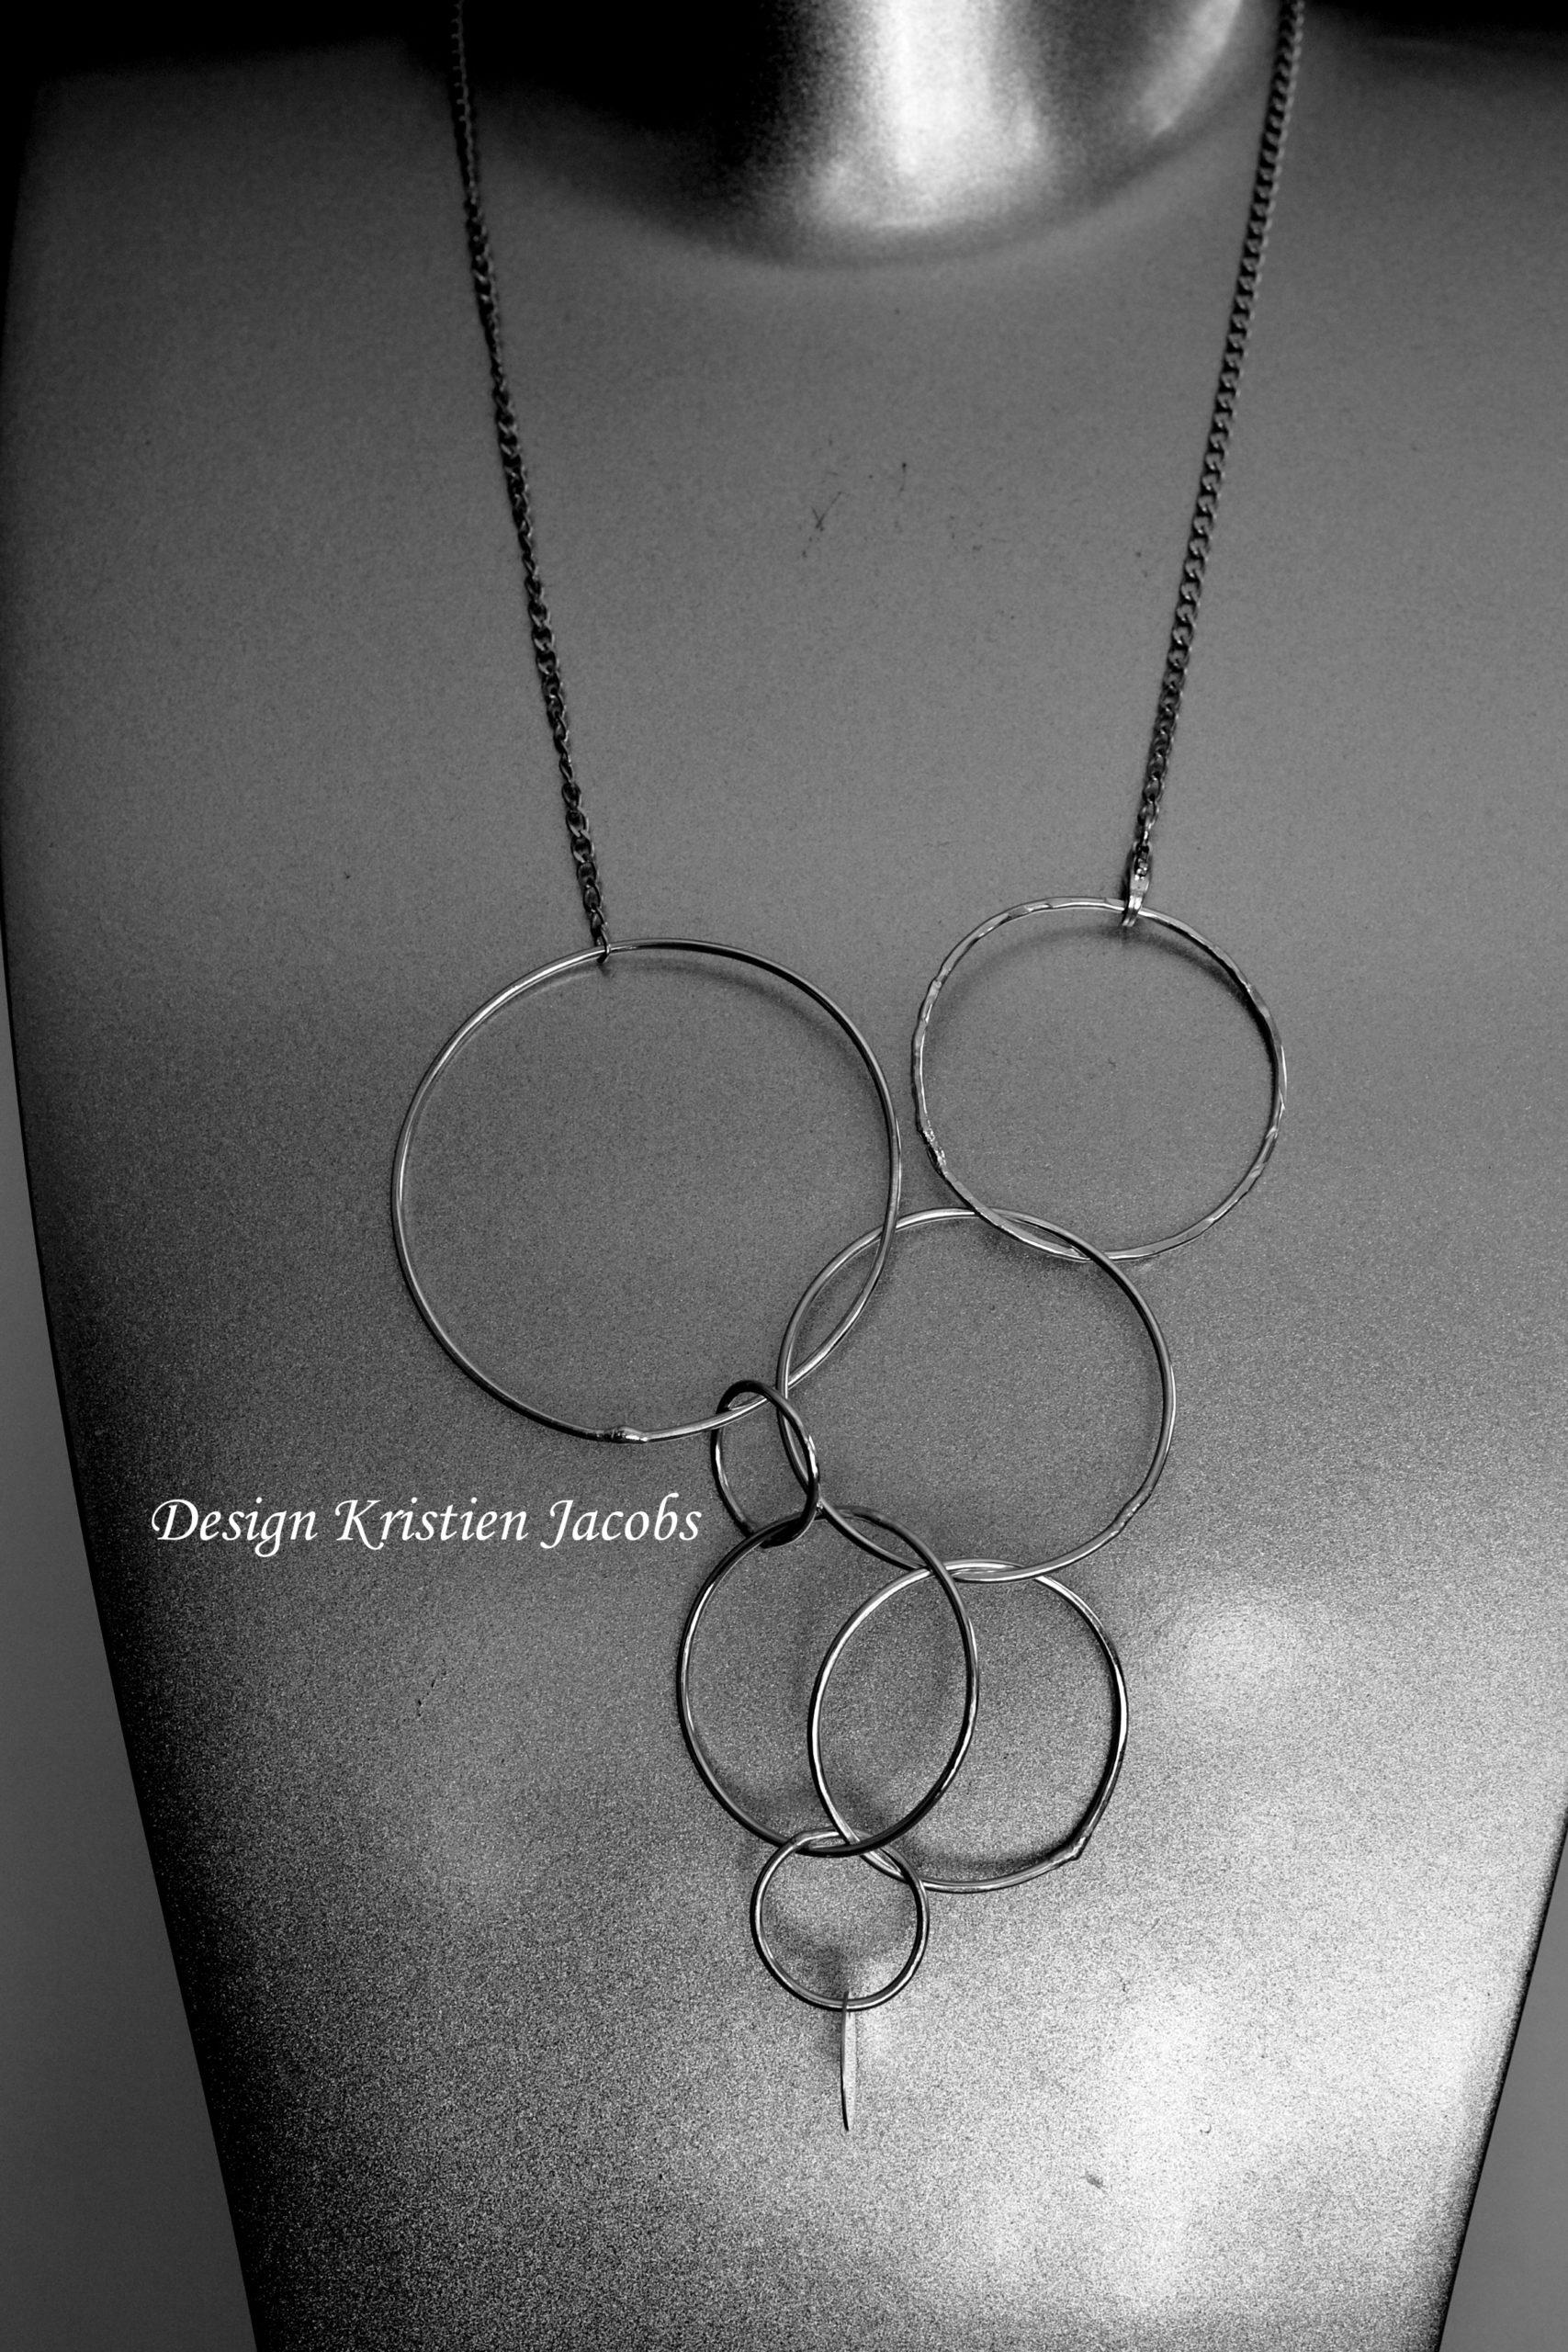 Halsketting sterling zilver grote cirkels Spelen met zilver, origineel concept, handgemaakte juwelen ontwerp Kristien Jacobs